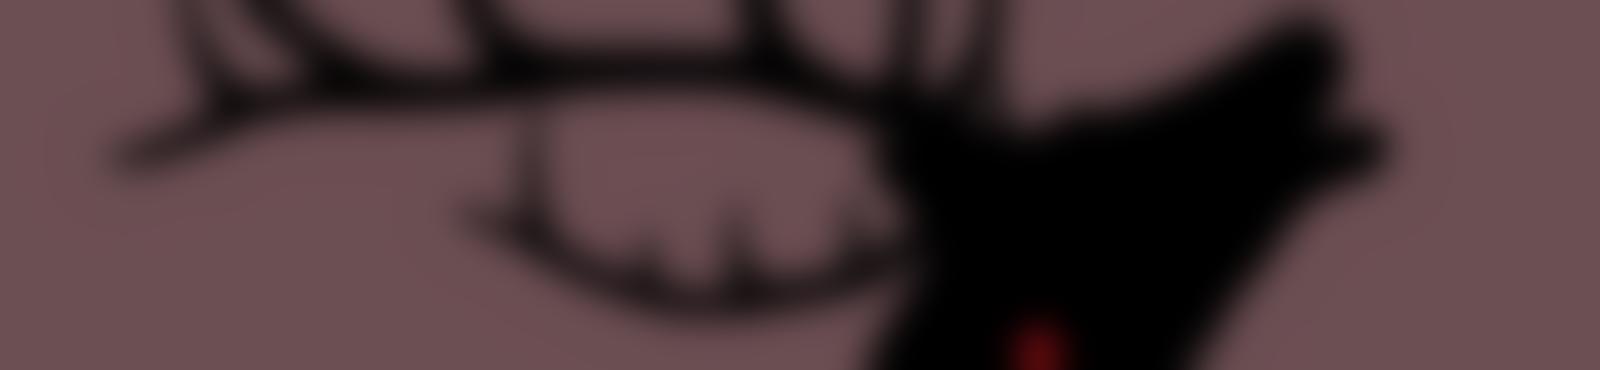 Blurred d21735cd 14a0 4285 b2cd c601a20f2837